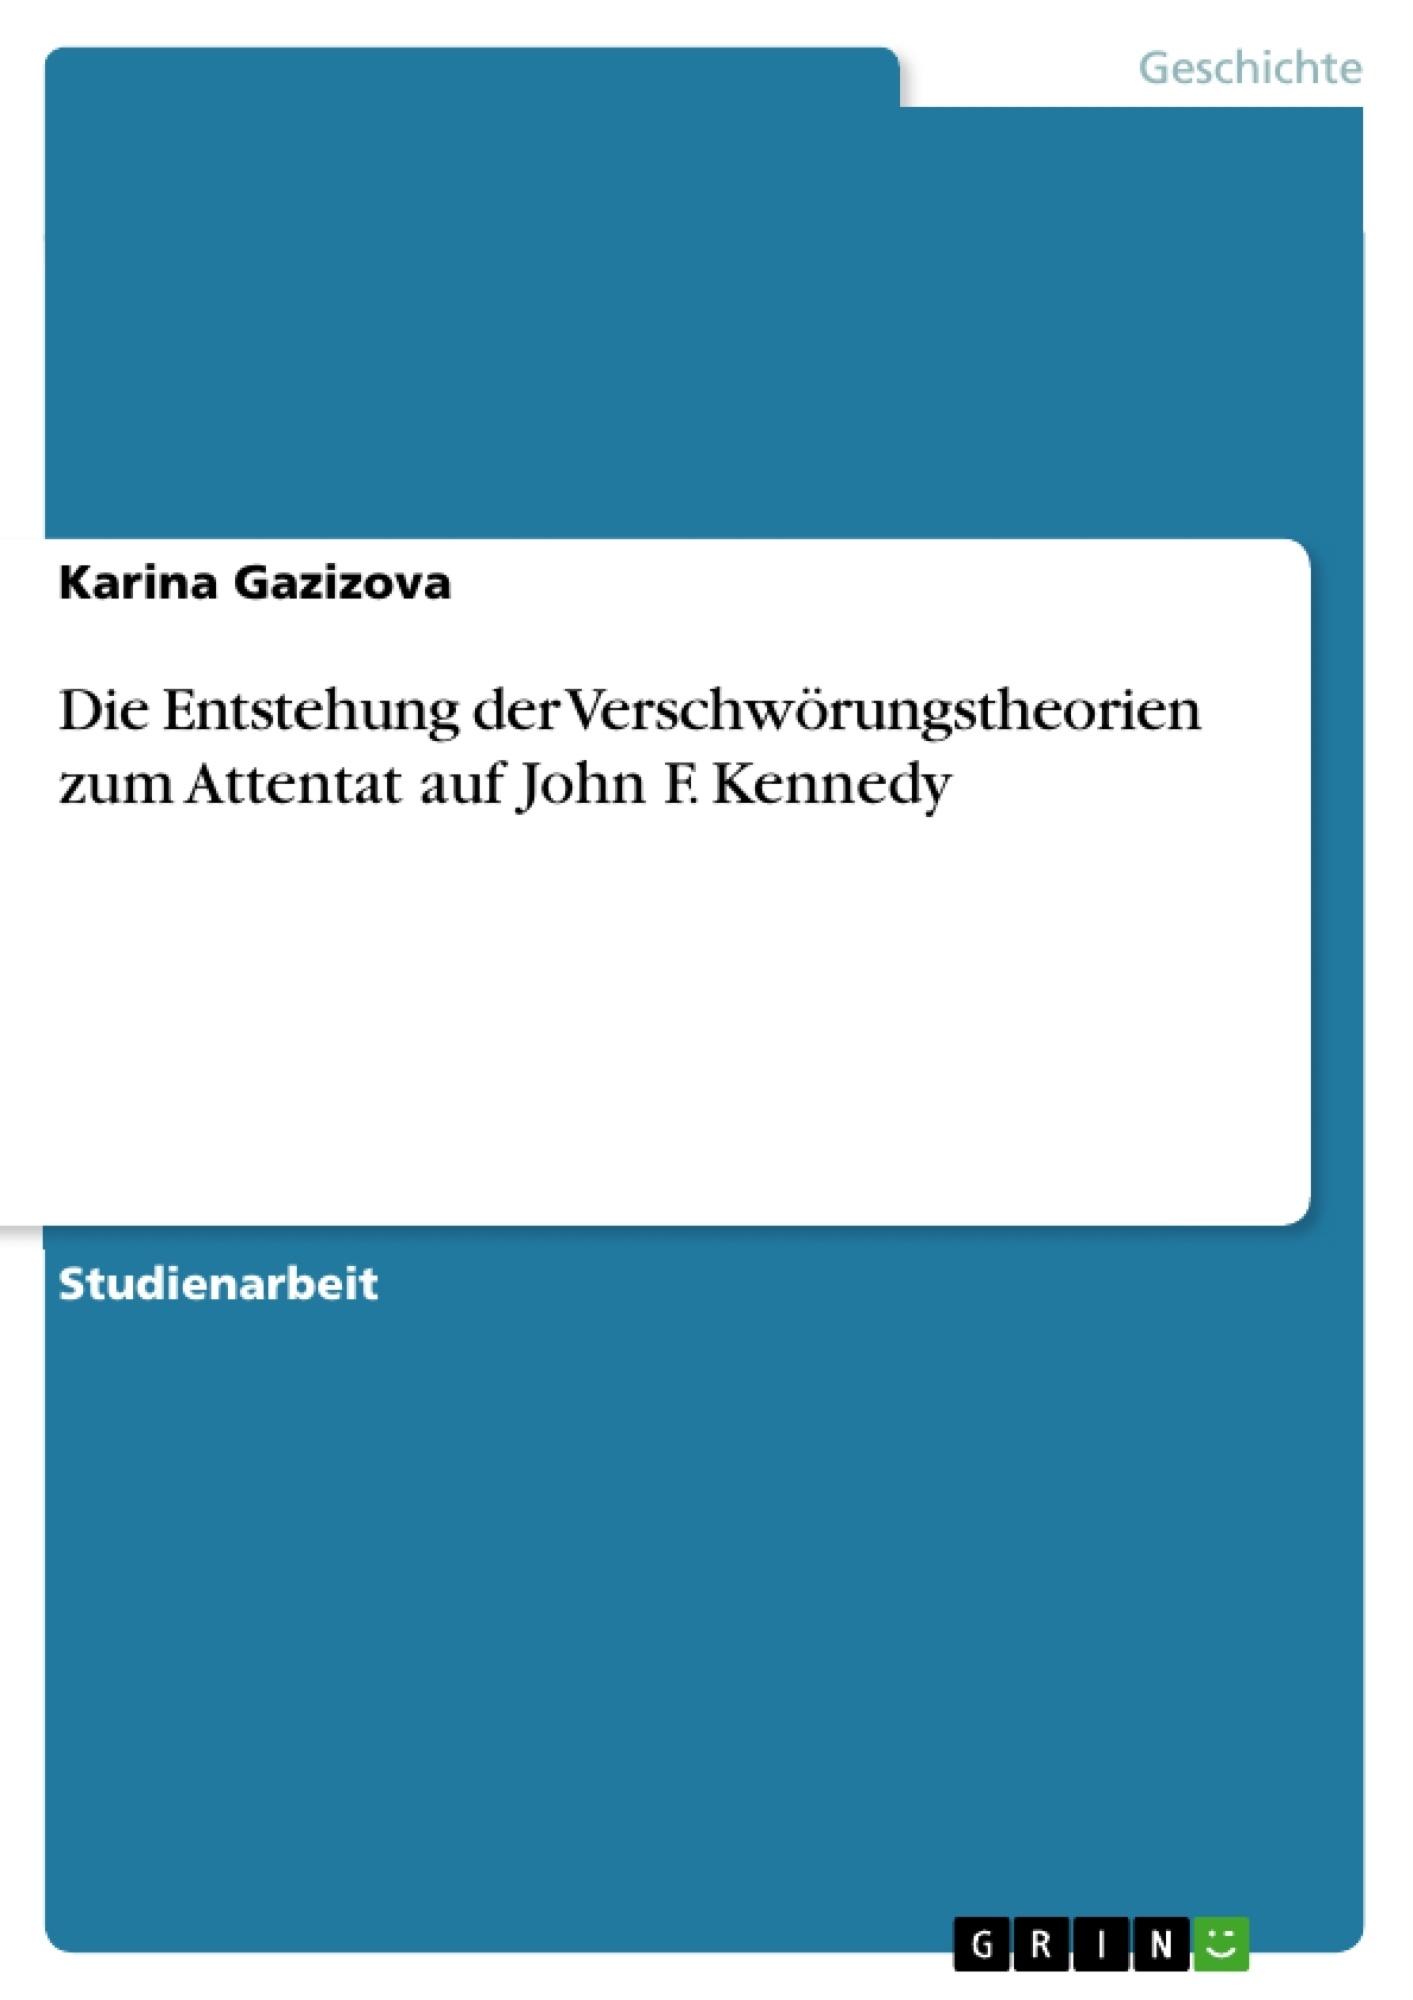 Titel: Die Entstehung der Verschwörungstheorien zum Attentat auf John F. Kennedy